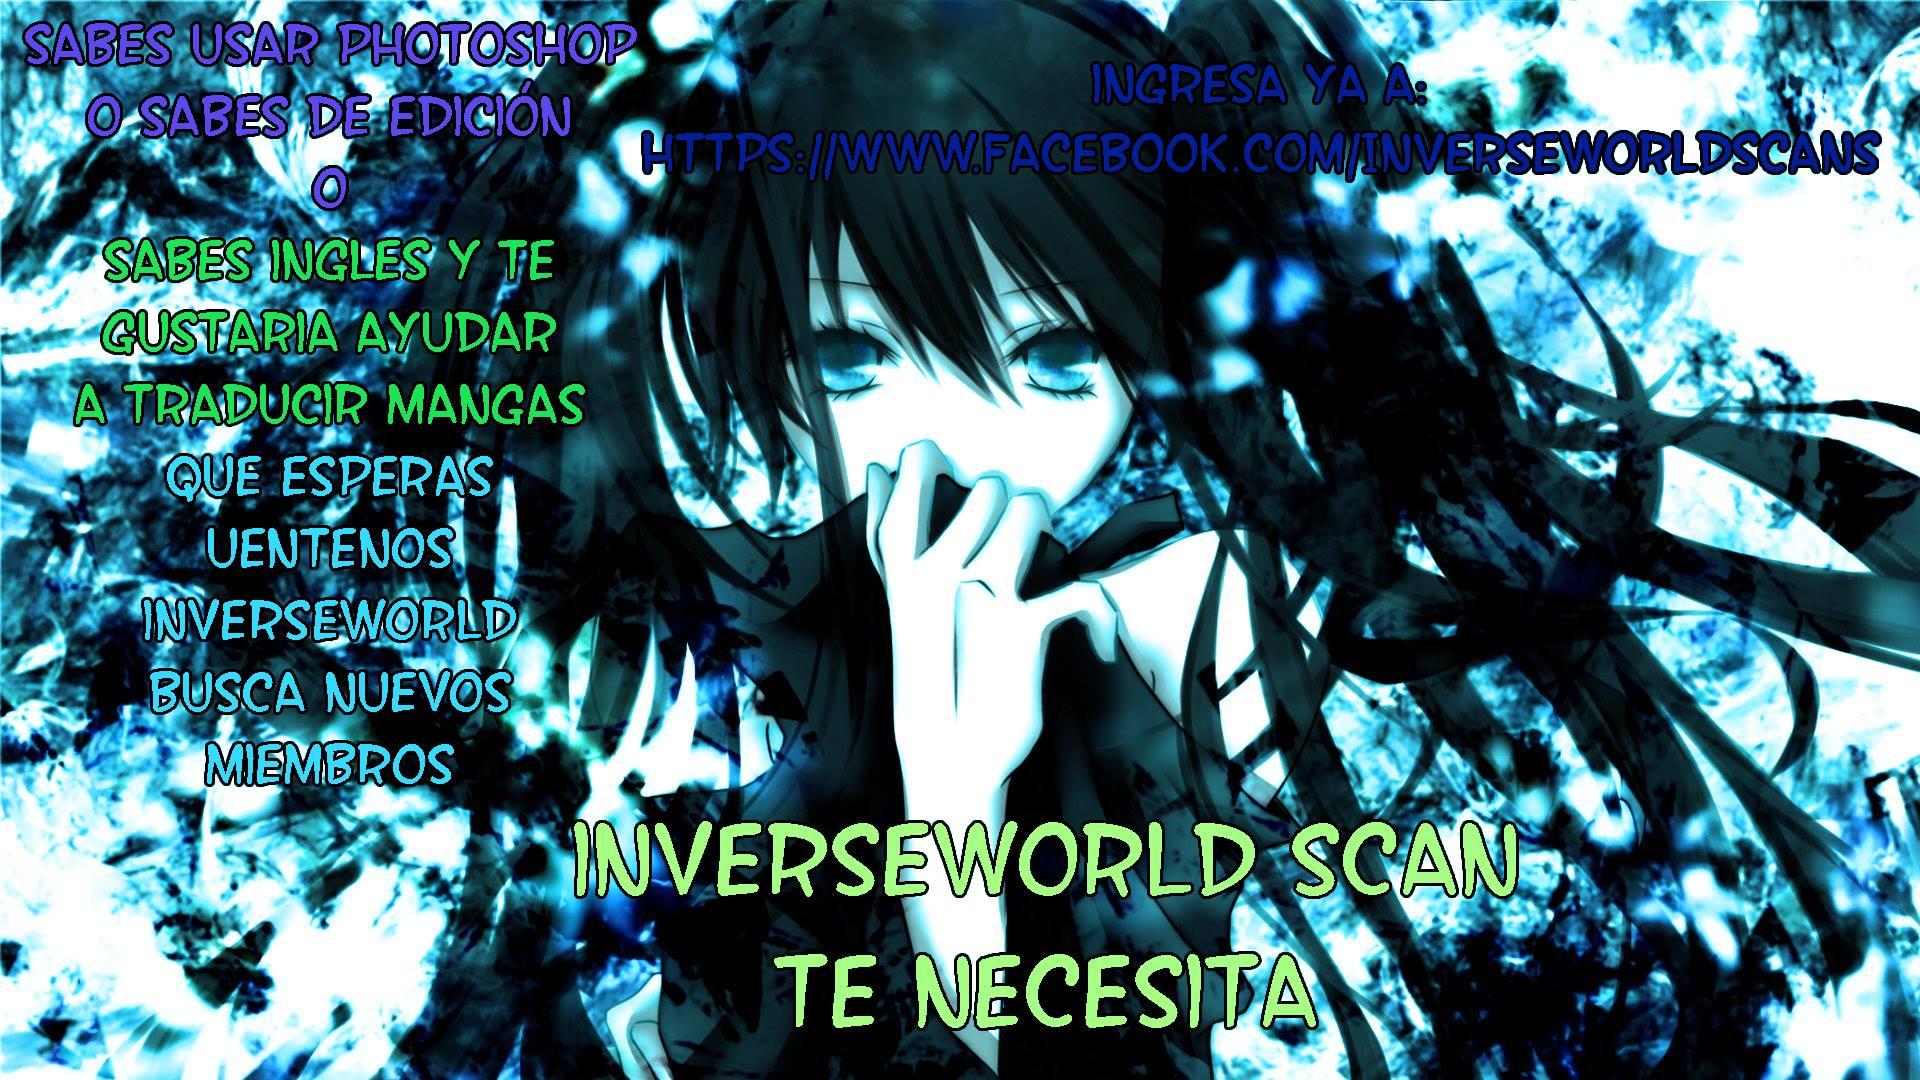 http://c5.ninemanga.com/es_manga/18/16210/415318/f2cd6189a7b1df2be533b382931d6af3.jpg Page 2